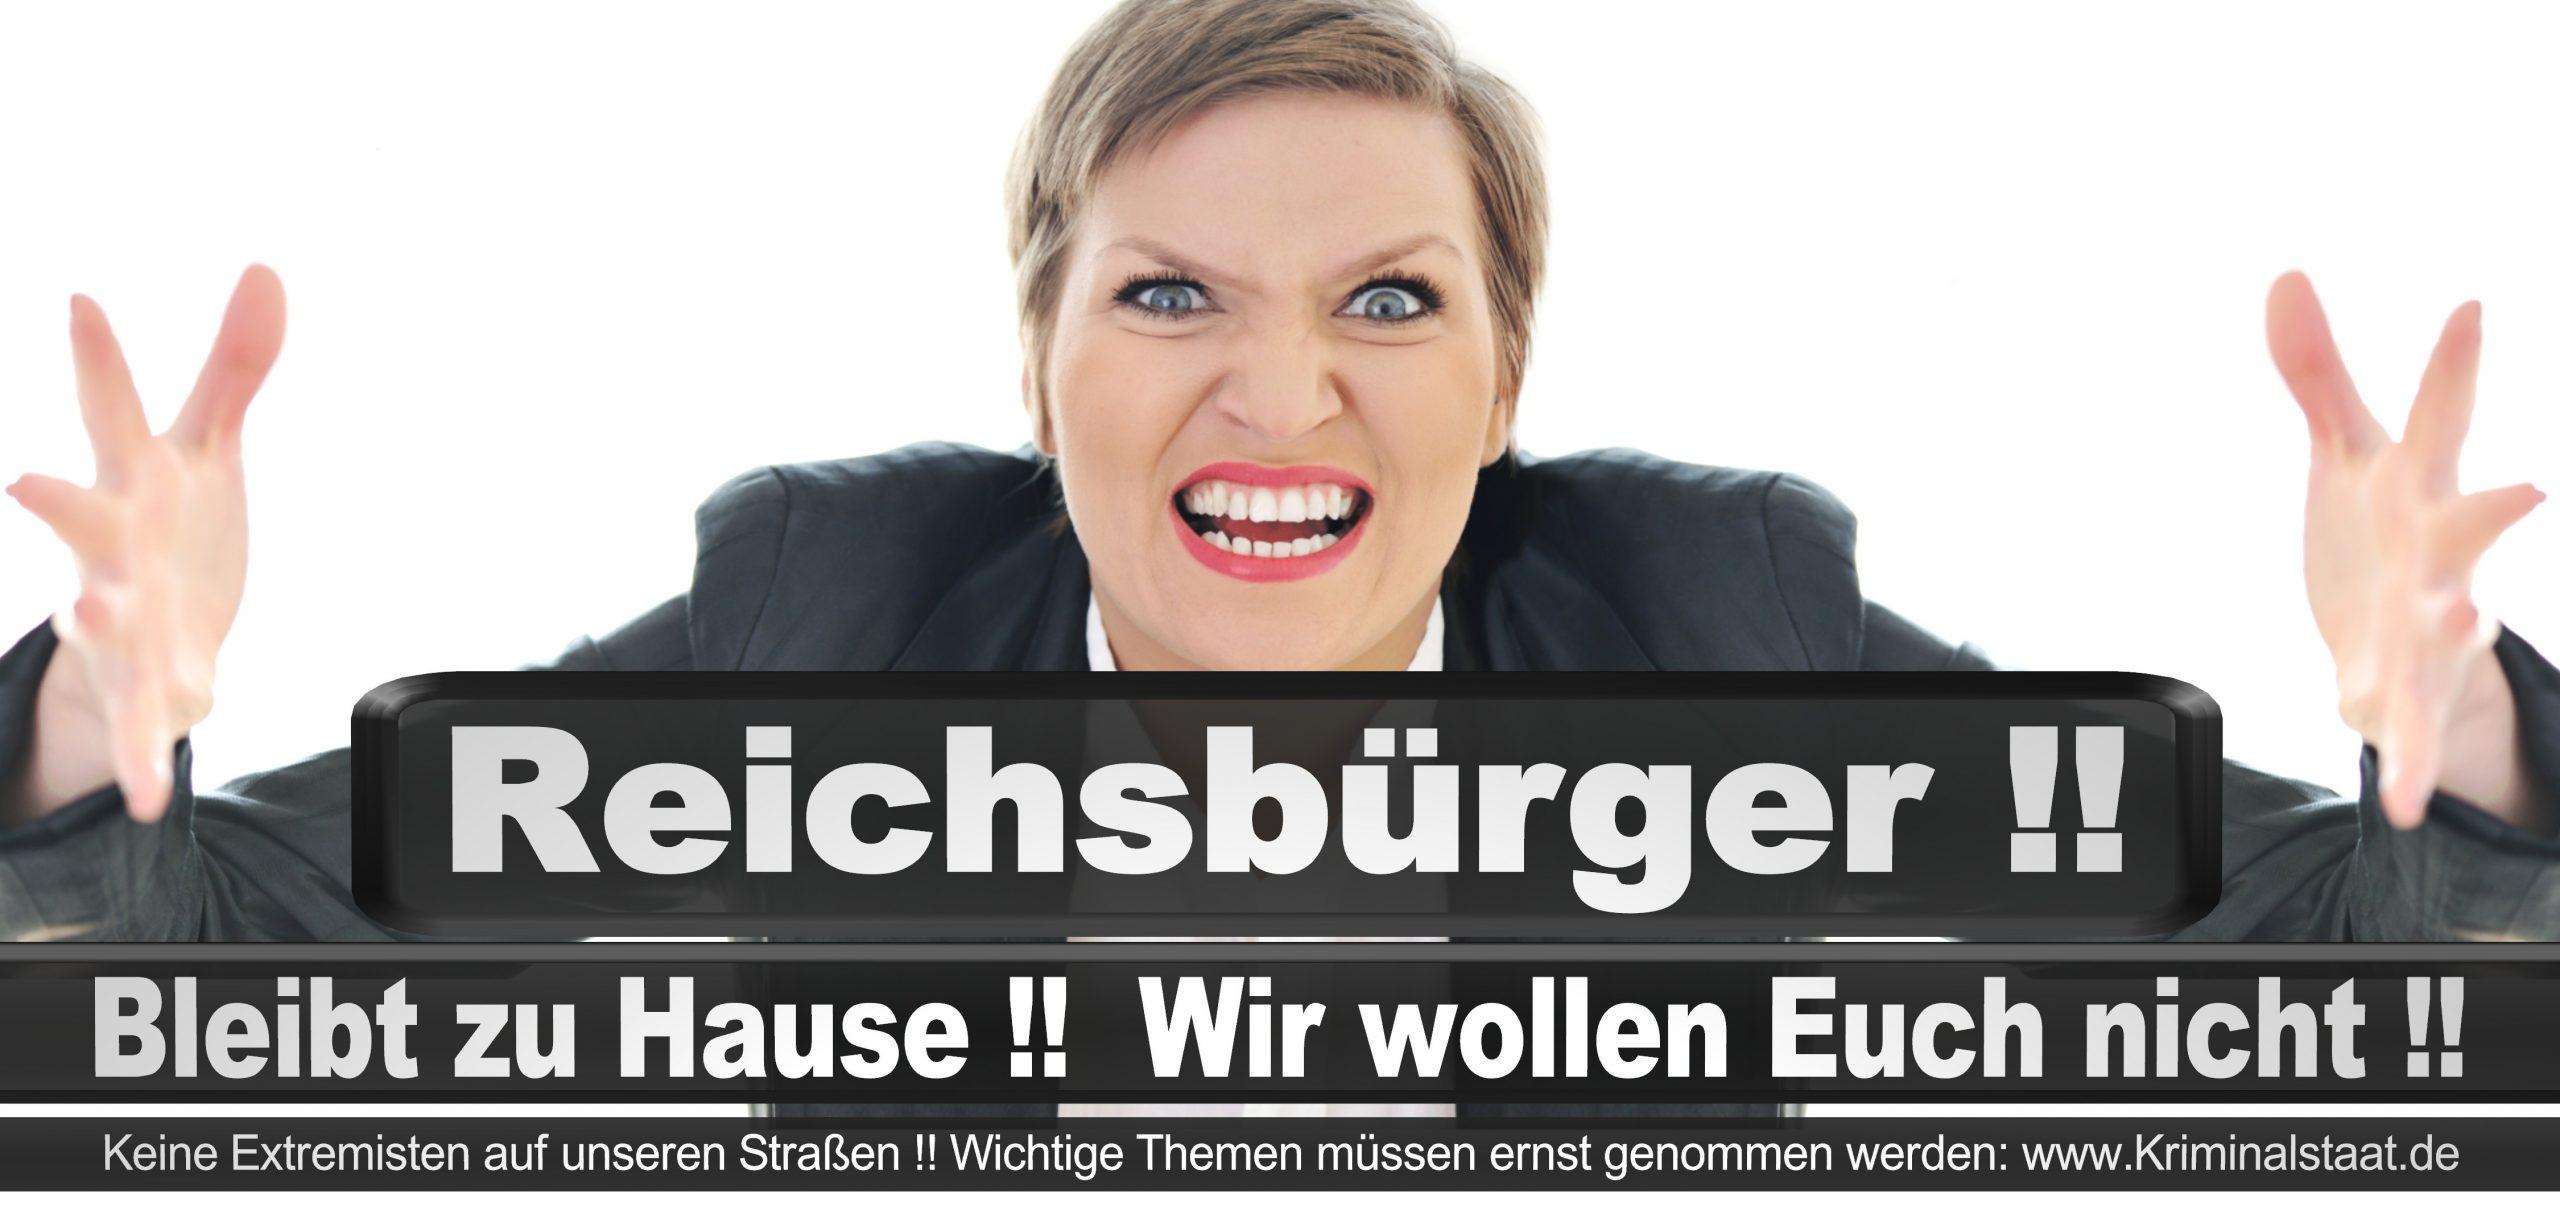 Bundestagswahl 2021 Wahlplakate CDU SPD FDP AFD Grüne Linke Stimmzettel Prognose Umfrage Kandidaten Parteien Datum (3)